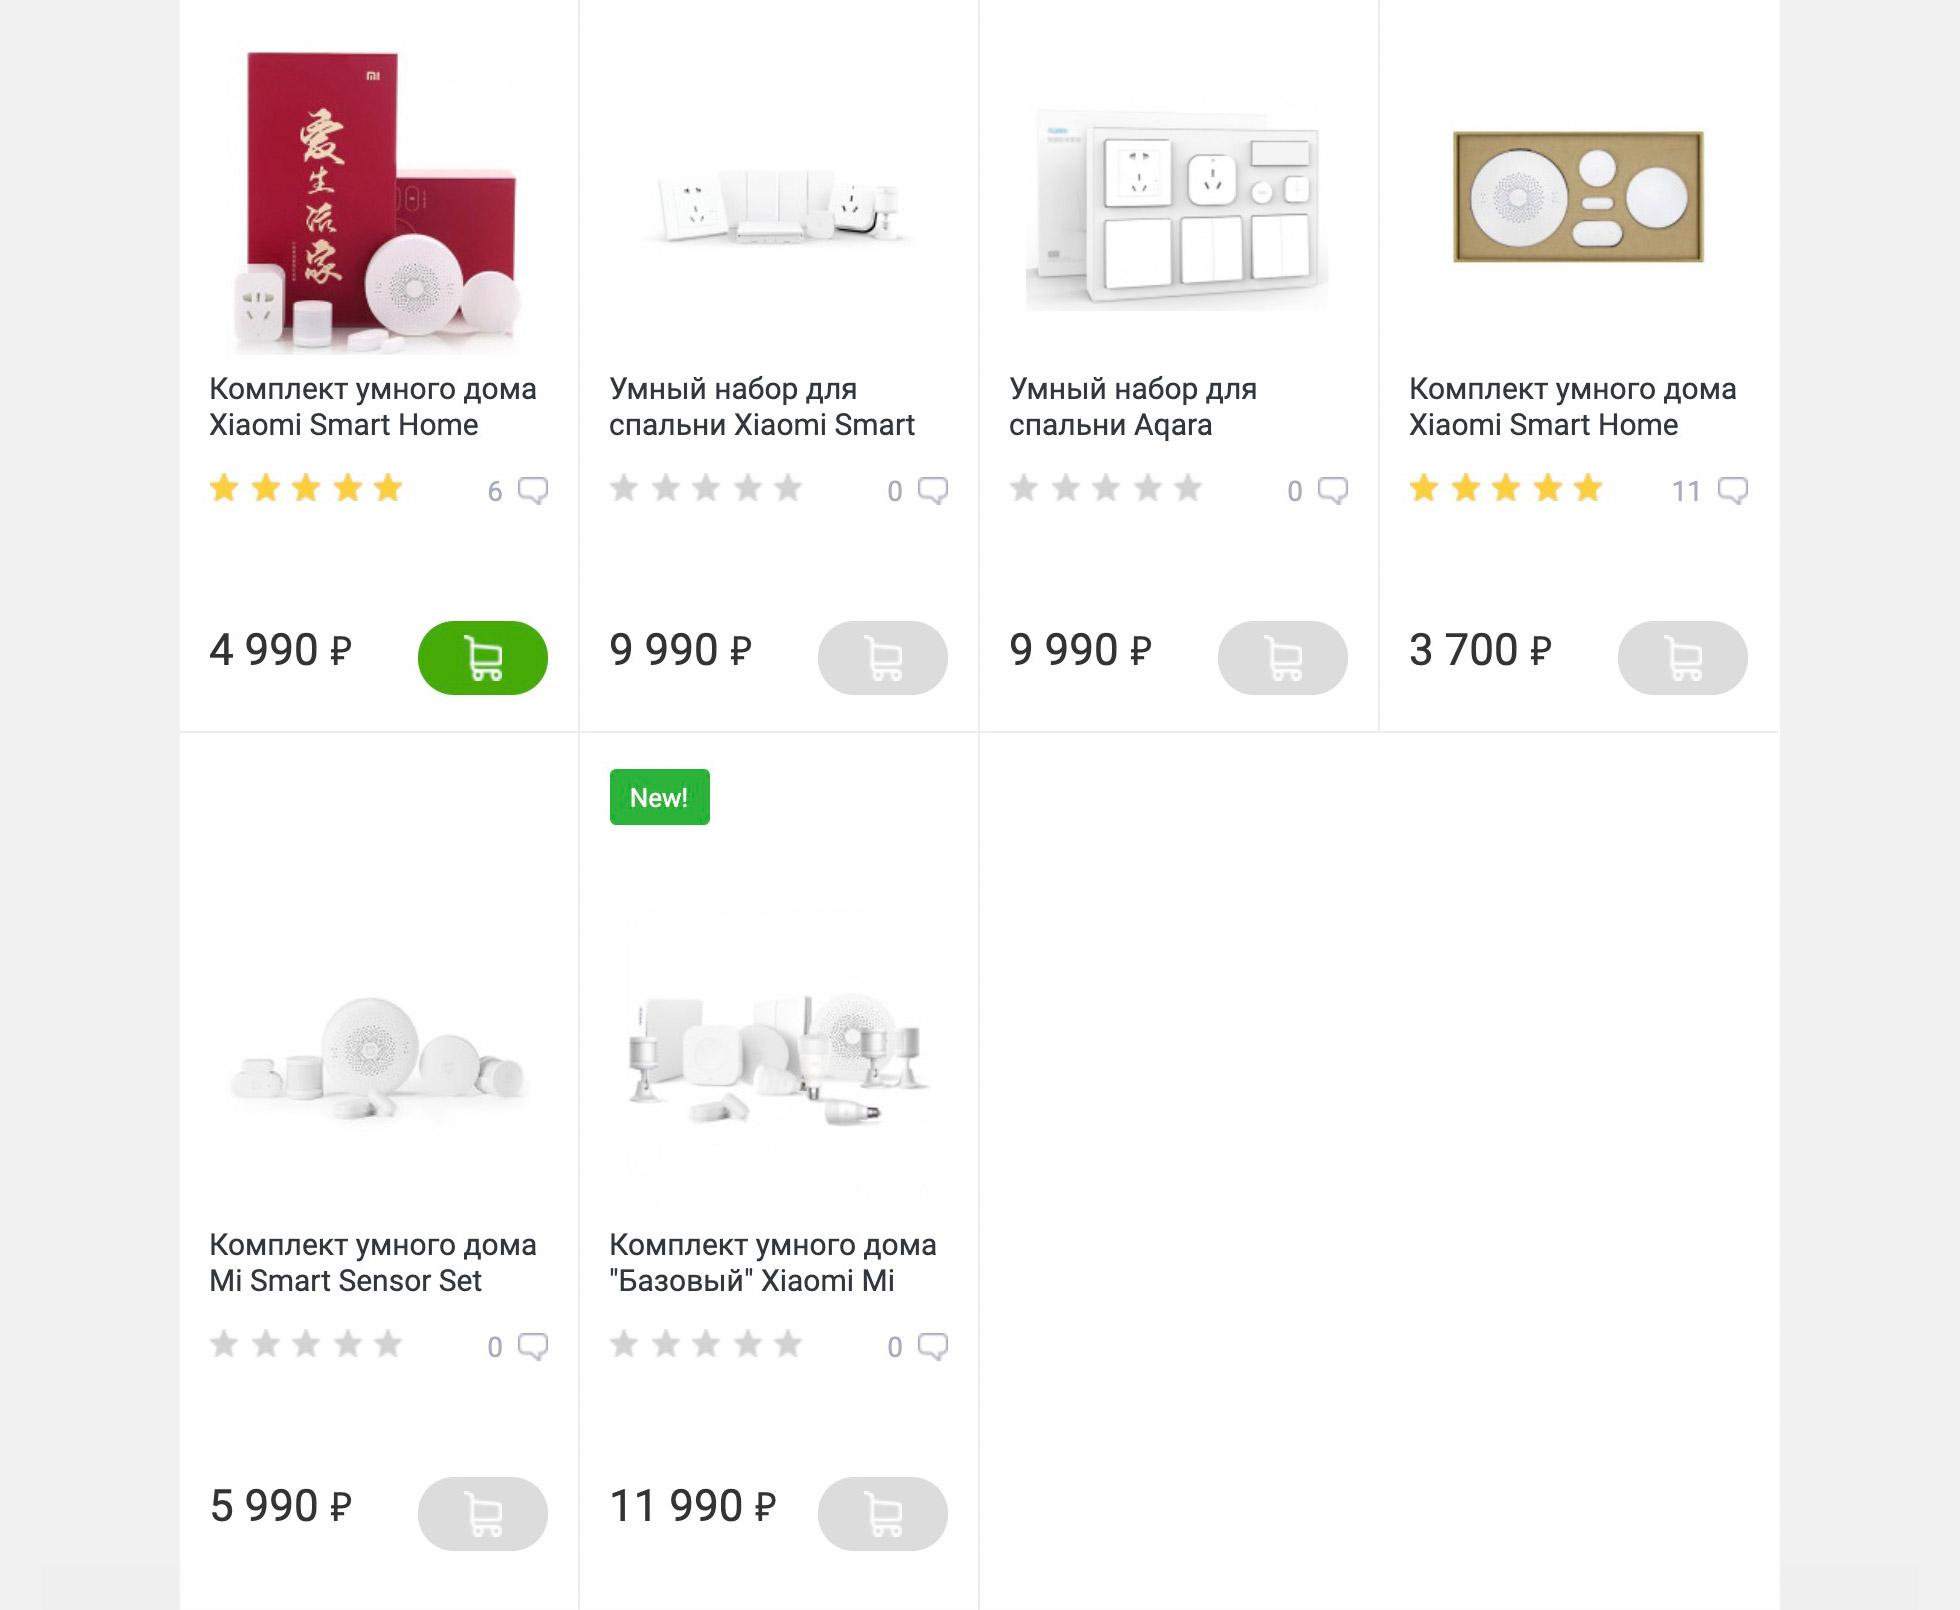 Датчики Xiaomi обойдутся в среднем в два раза дороже малоизвестного в России Sonoff. Зато, судя по отзывам, приложение работает стабильно и есть возможность получить поддержку на русском языке по установке и использованию. Скриншот интернет-магазина «Румиком»